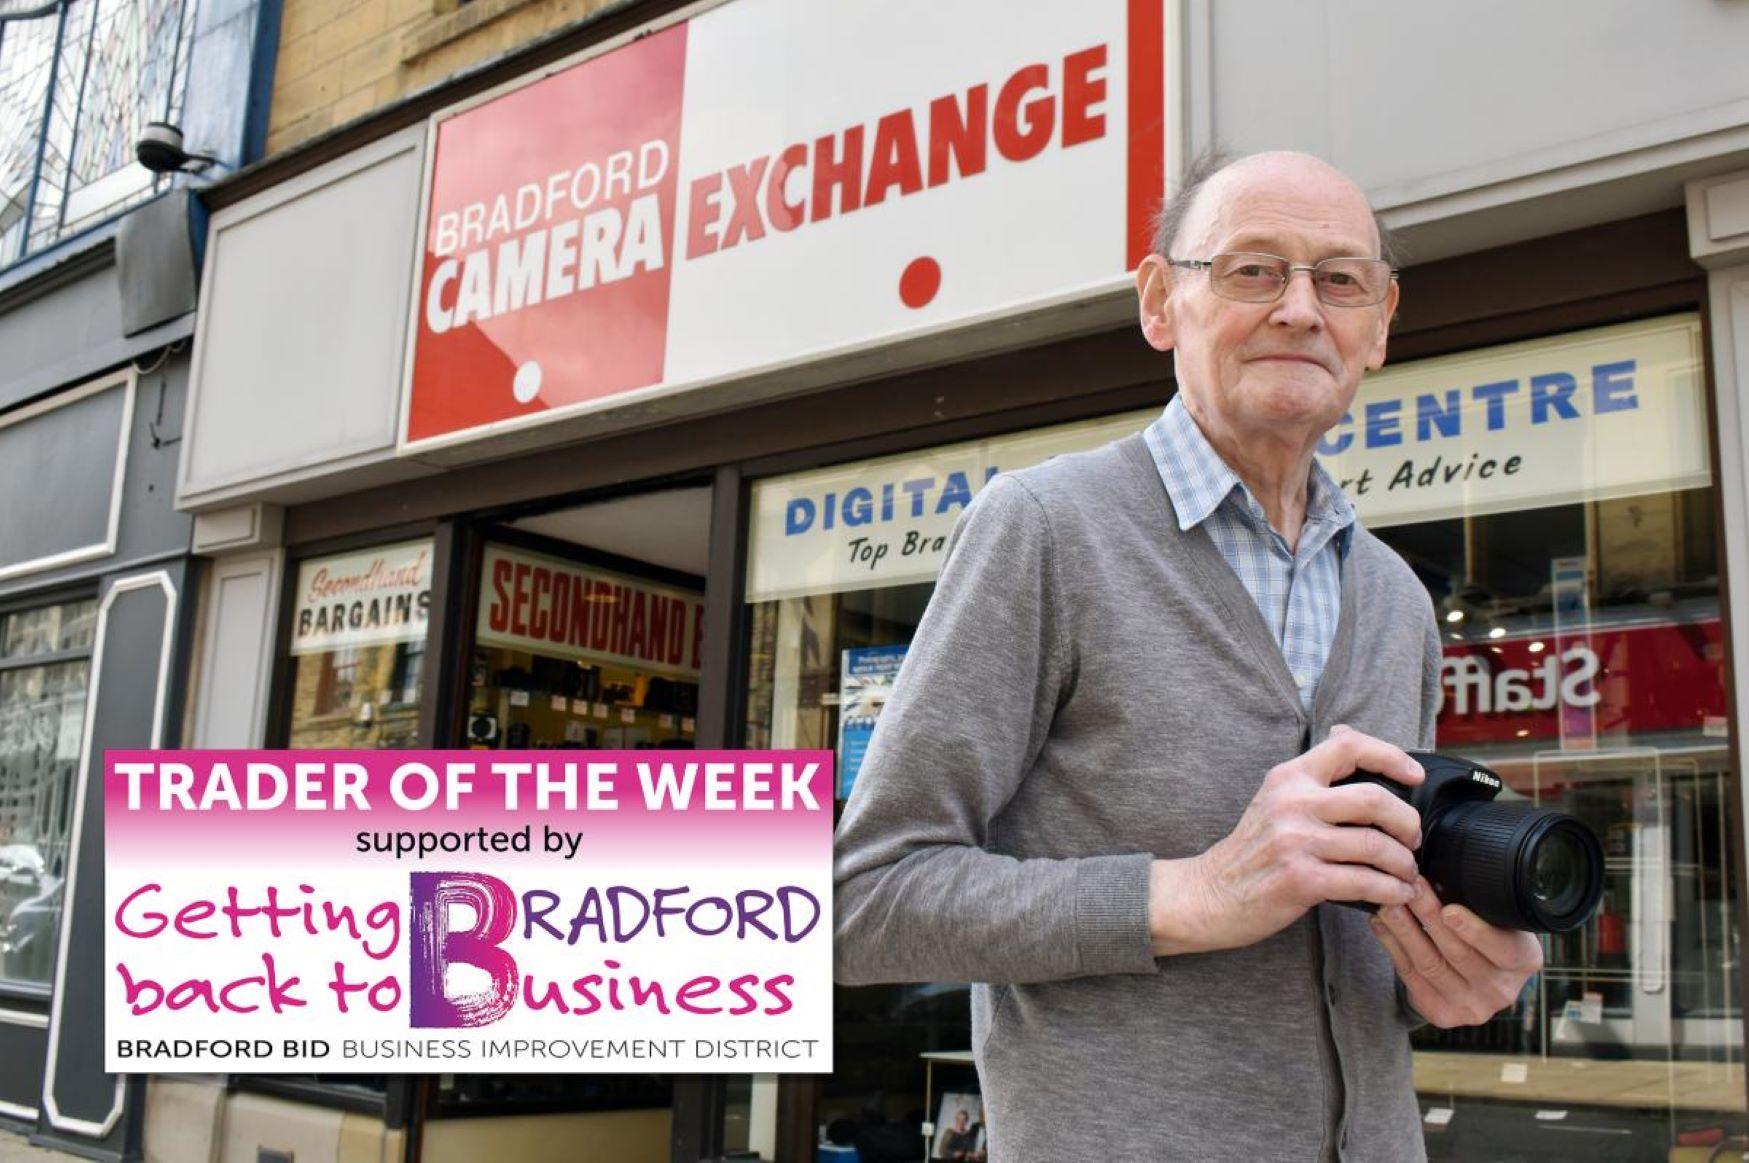 Trader of the Week – Bradford Camera Exchange